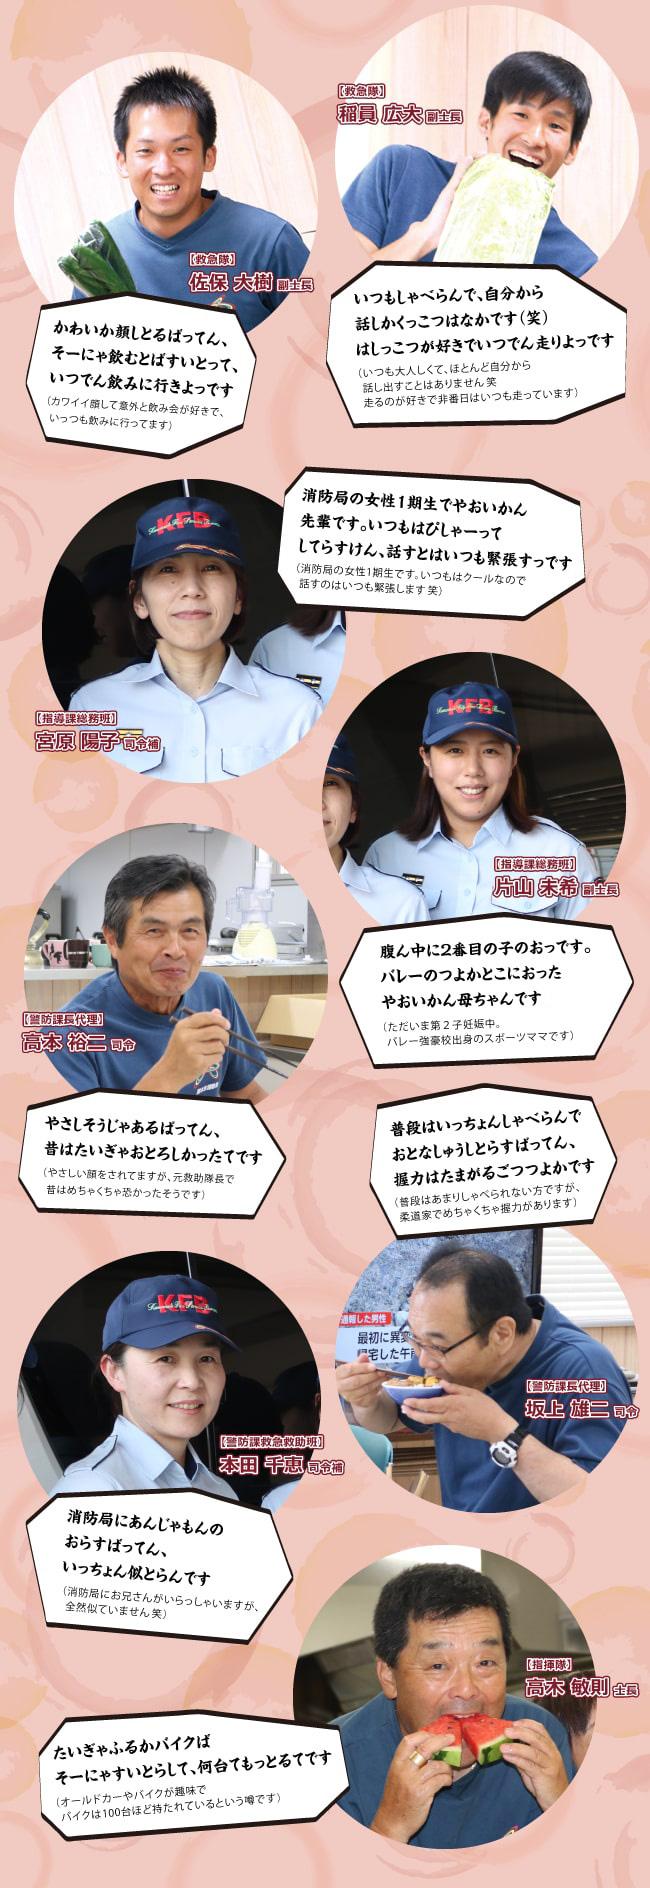 熊本市消防局 北消防署の仲間たち2!